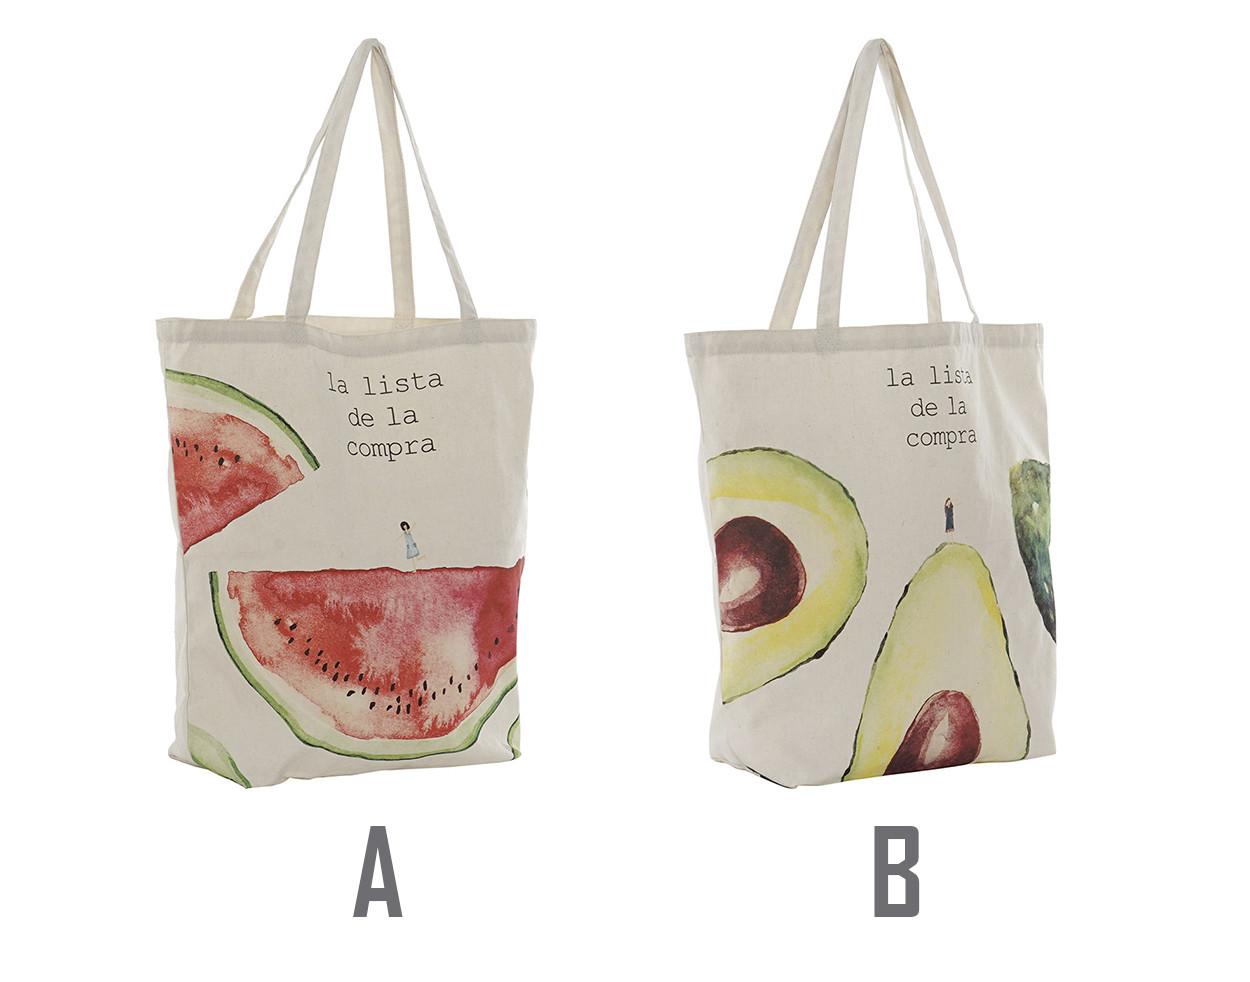 Bolsa de Mano de Compra, Bolsa de Algodón con Asas, Diseño Frutal 43x15x40 cm - Hogar y Más